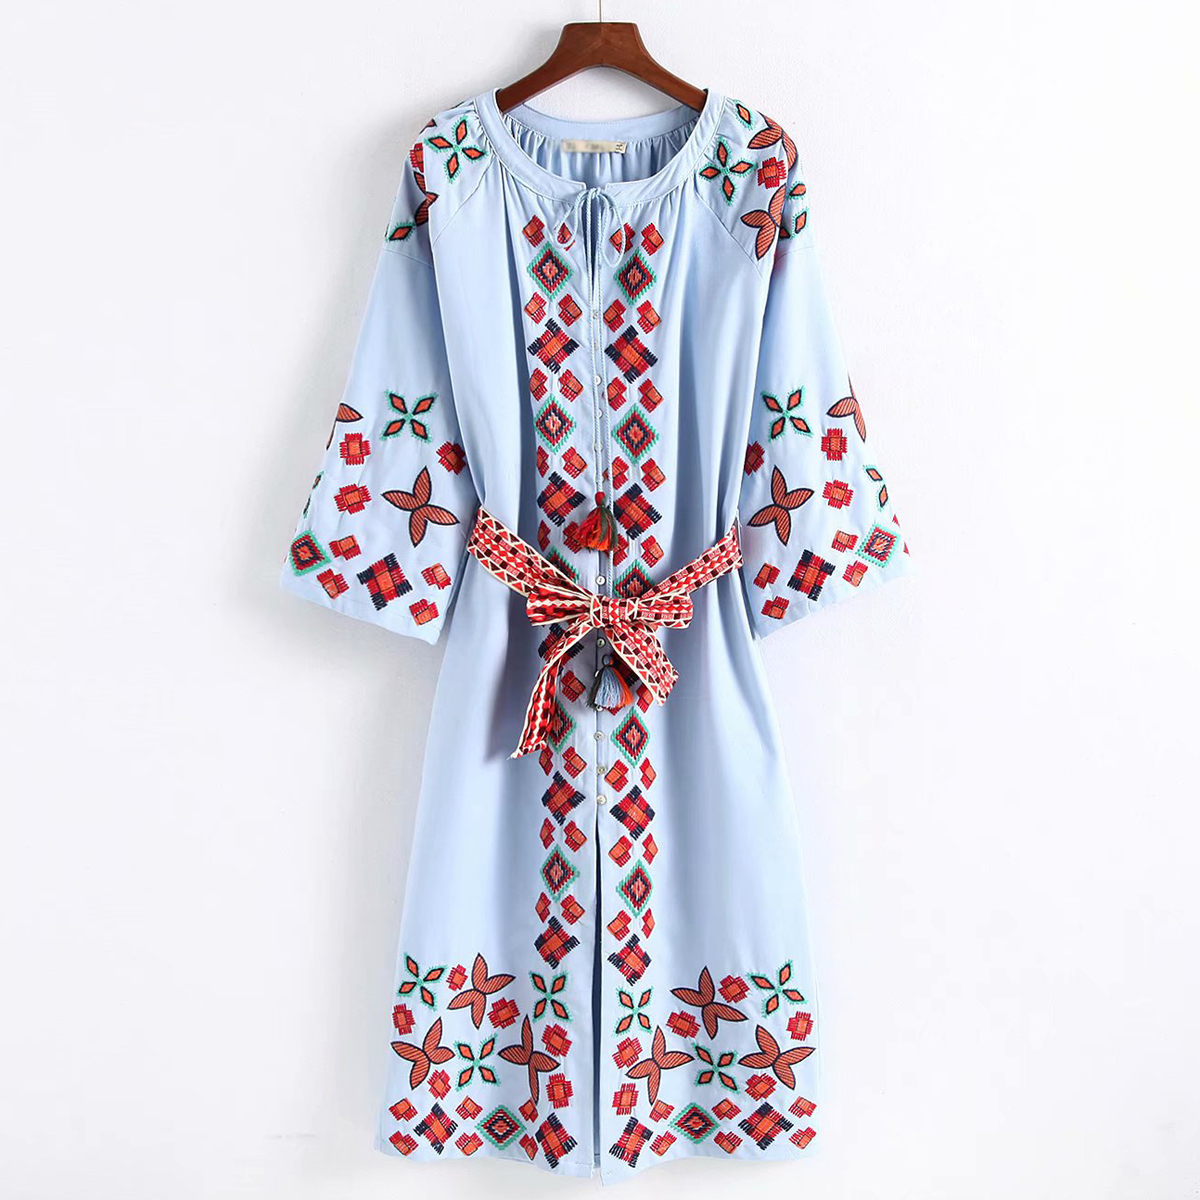 Jastie 2019 automne brodé robe mi-longue manches o-cou femmes robes décontracté Vintage Ukraine robe coton femme robes - 5